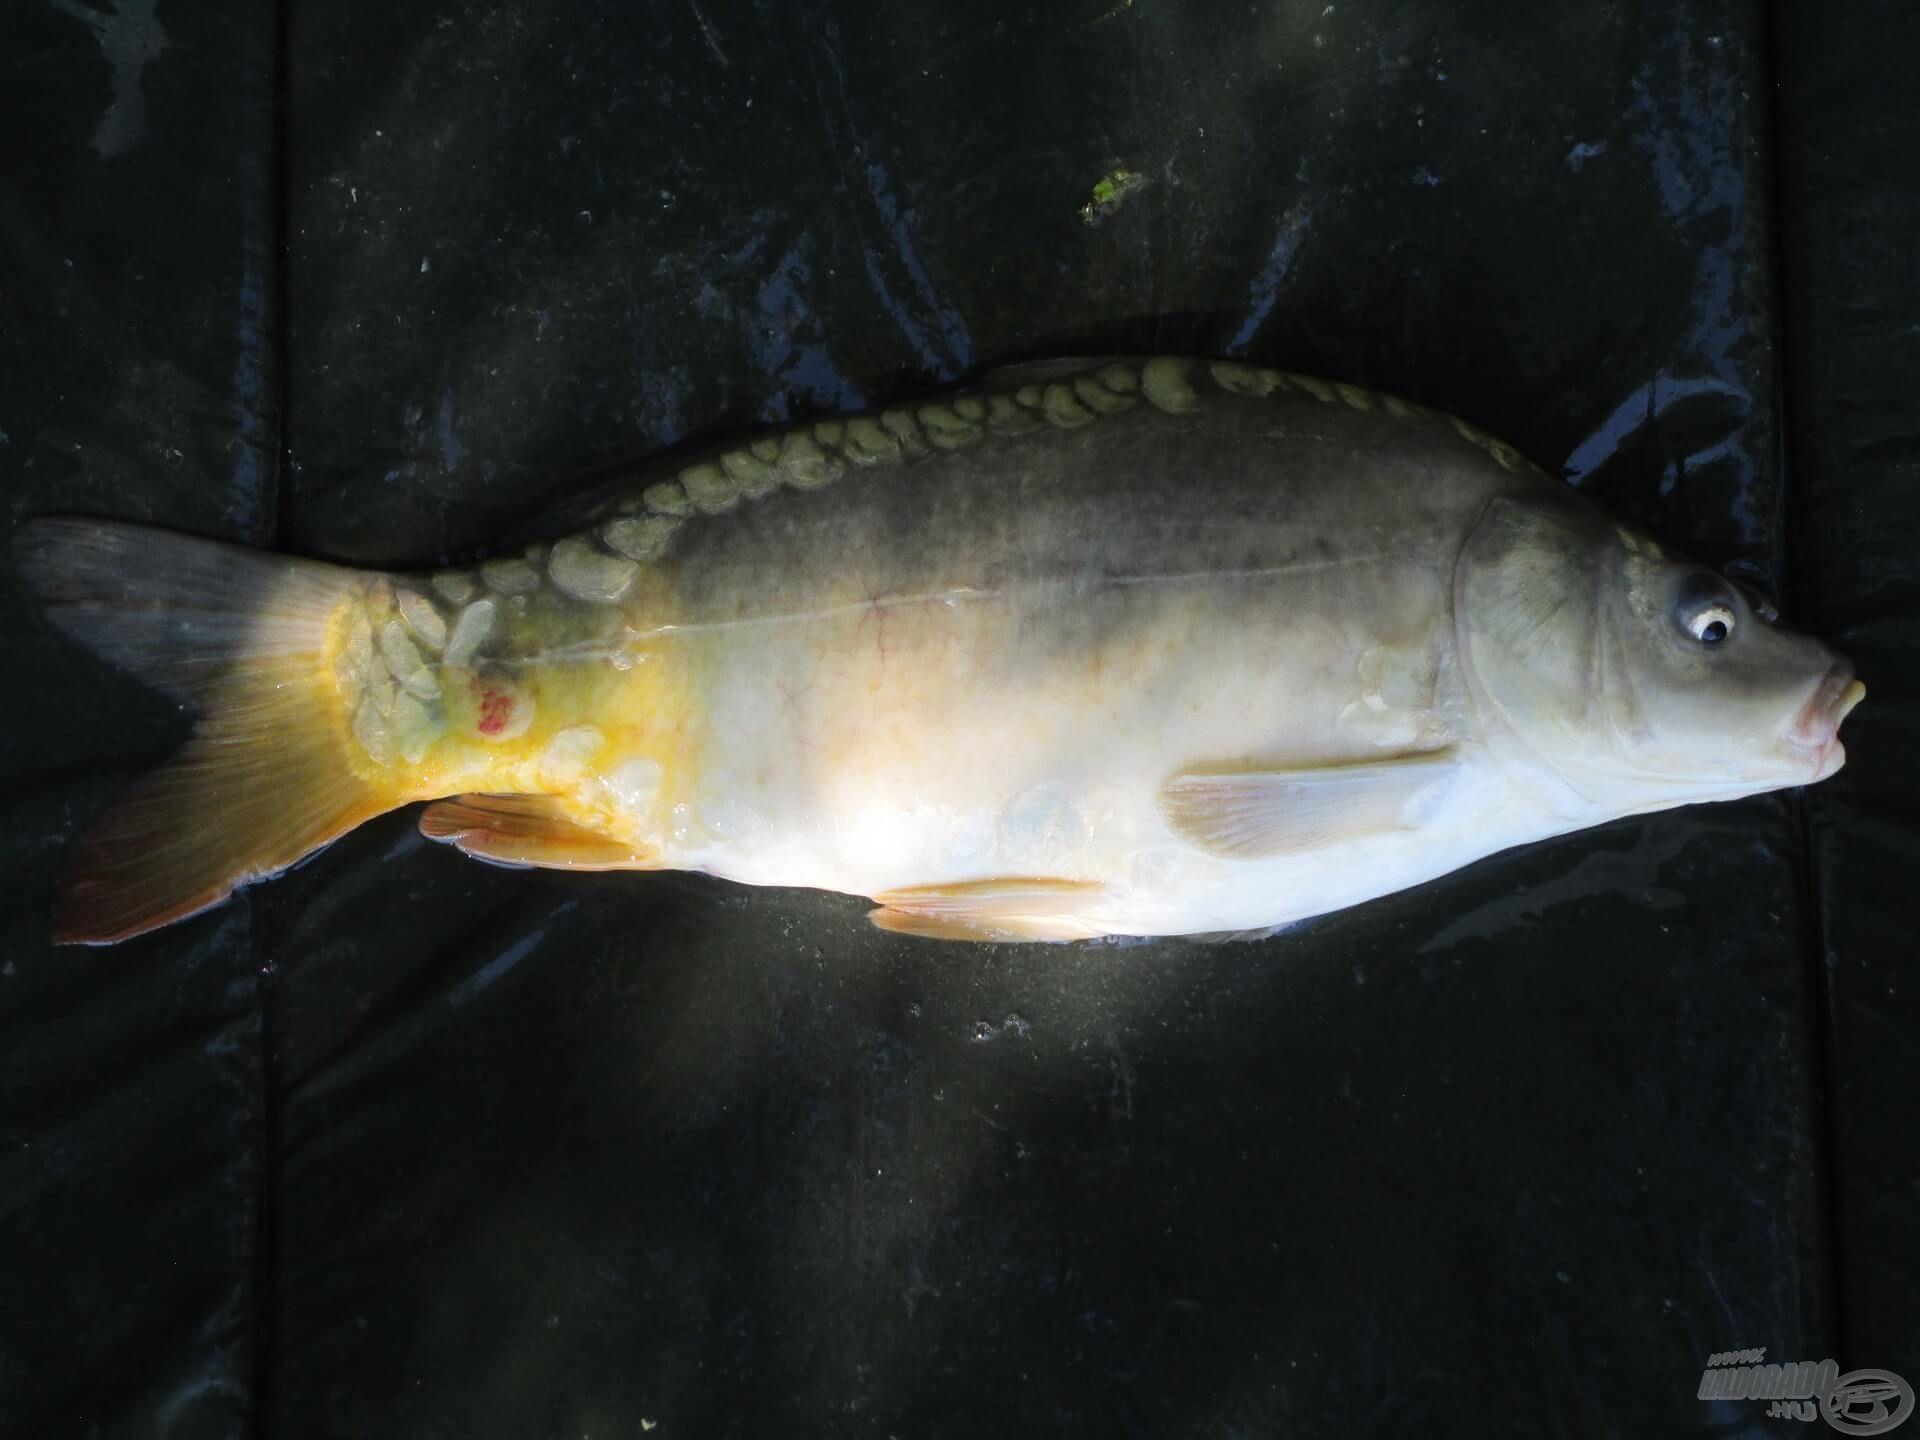 Balázs etetését gyorsan megtalálták a halak, megszólalt az egyik kapásjelző, majd pár perc múlva a matracon pihent az első potyka